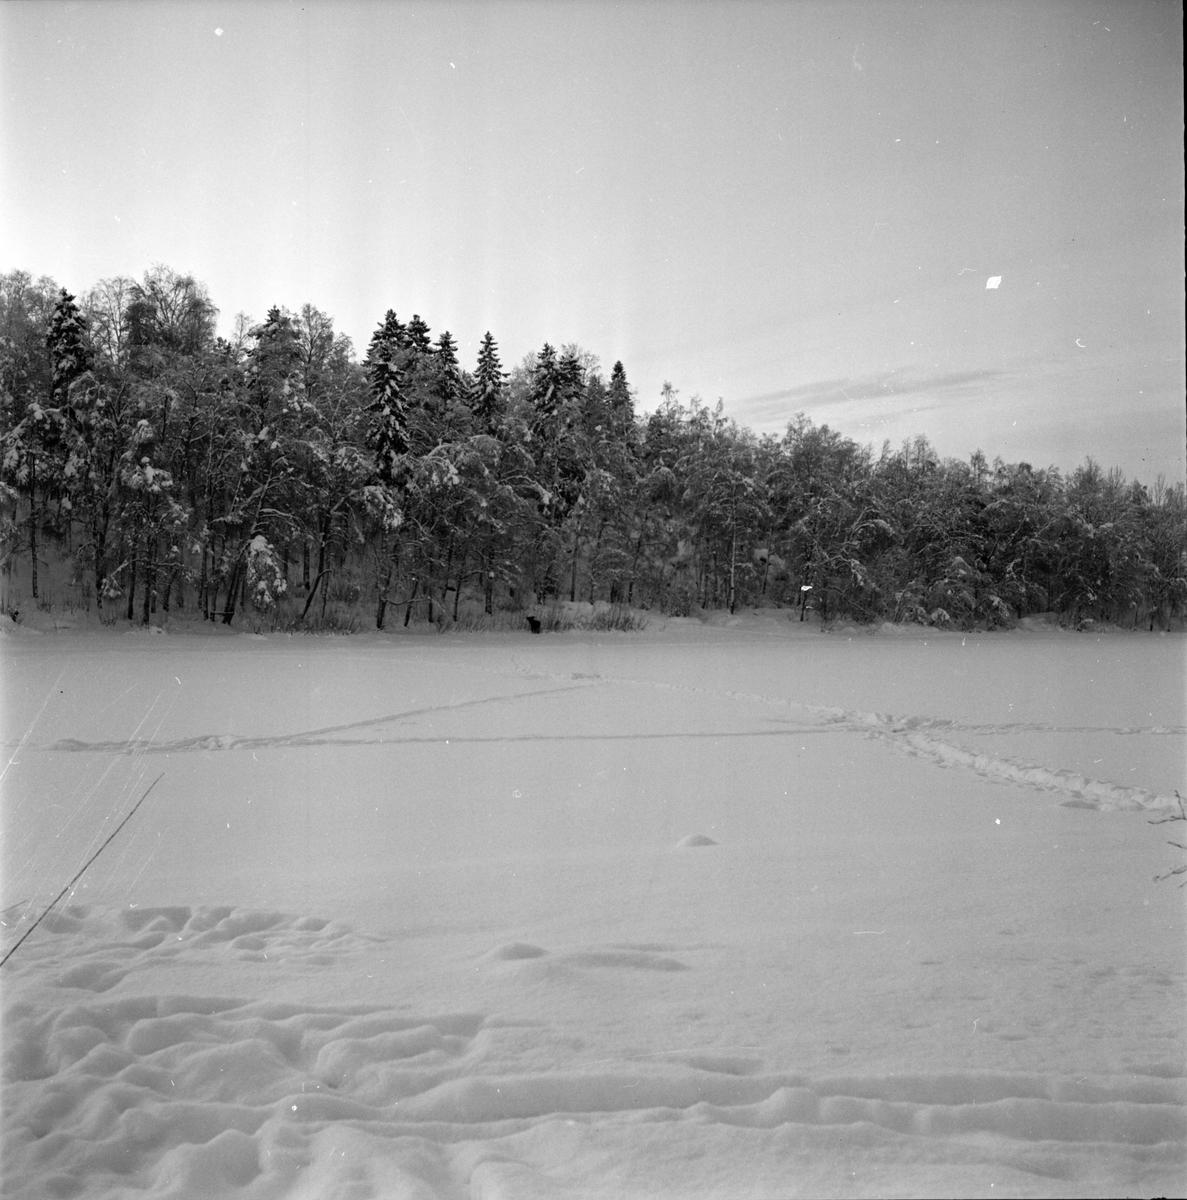 Bollnäs, Älg på Tjärn, Bilder från Höglundabron, 12 Januari 1967